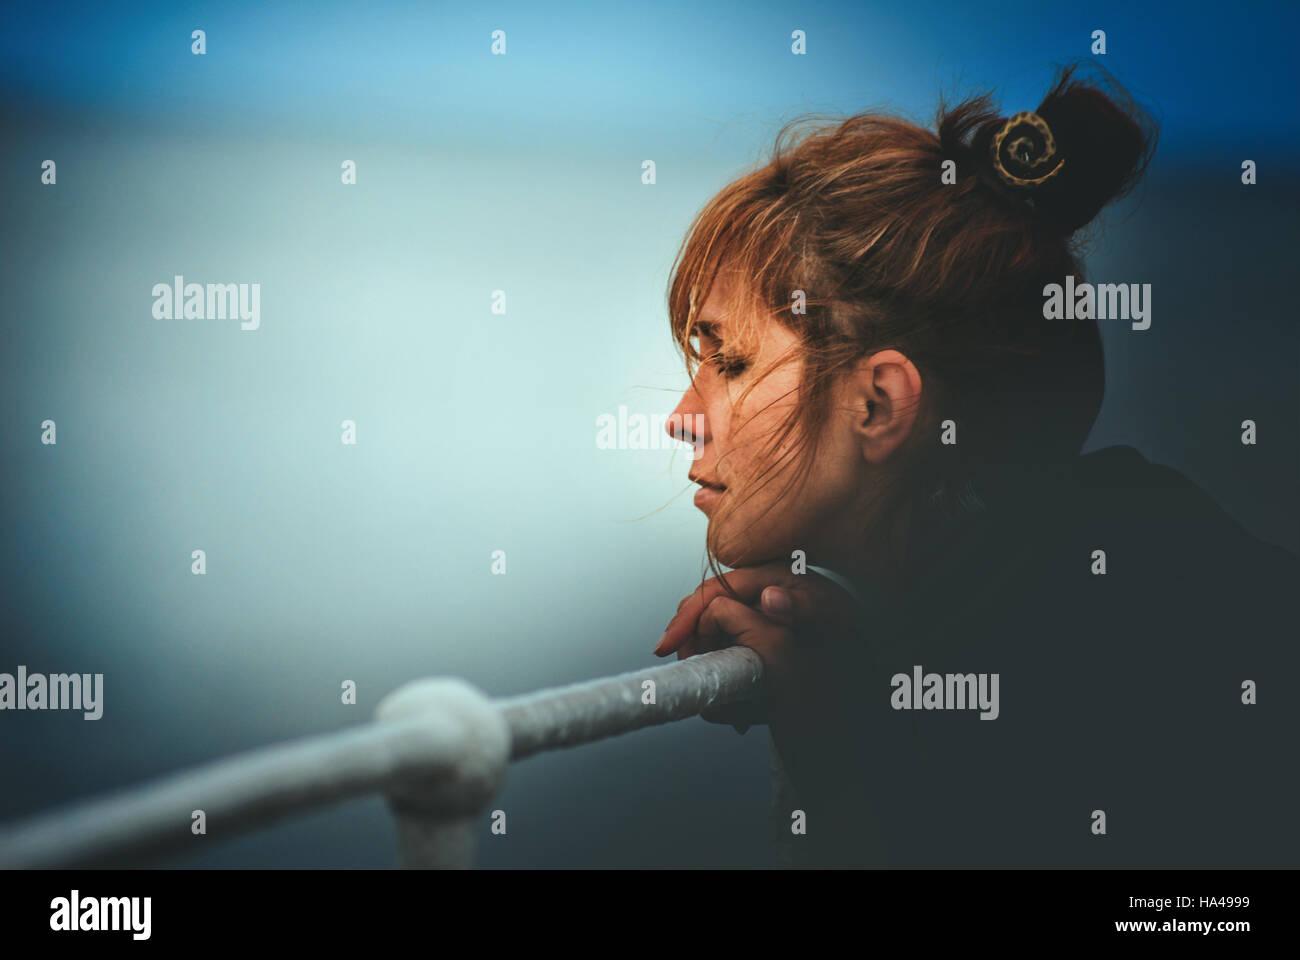 junge Frau ruht ihr Kopf auf einem Mast mit Blick auf das Meer Stockbild